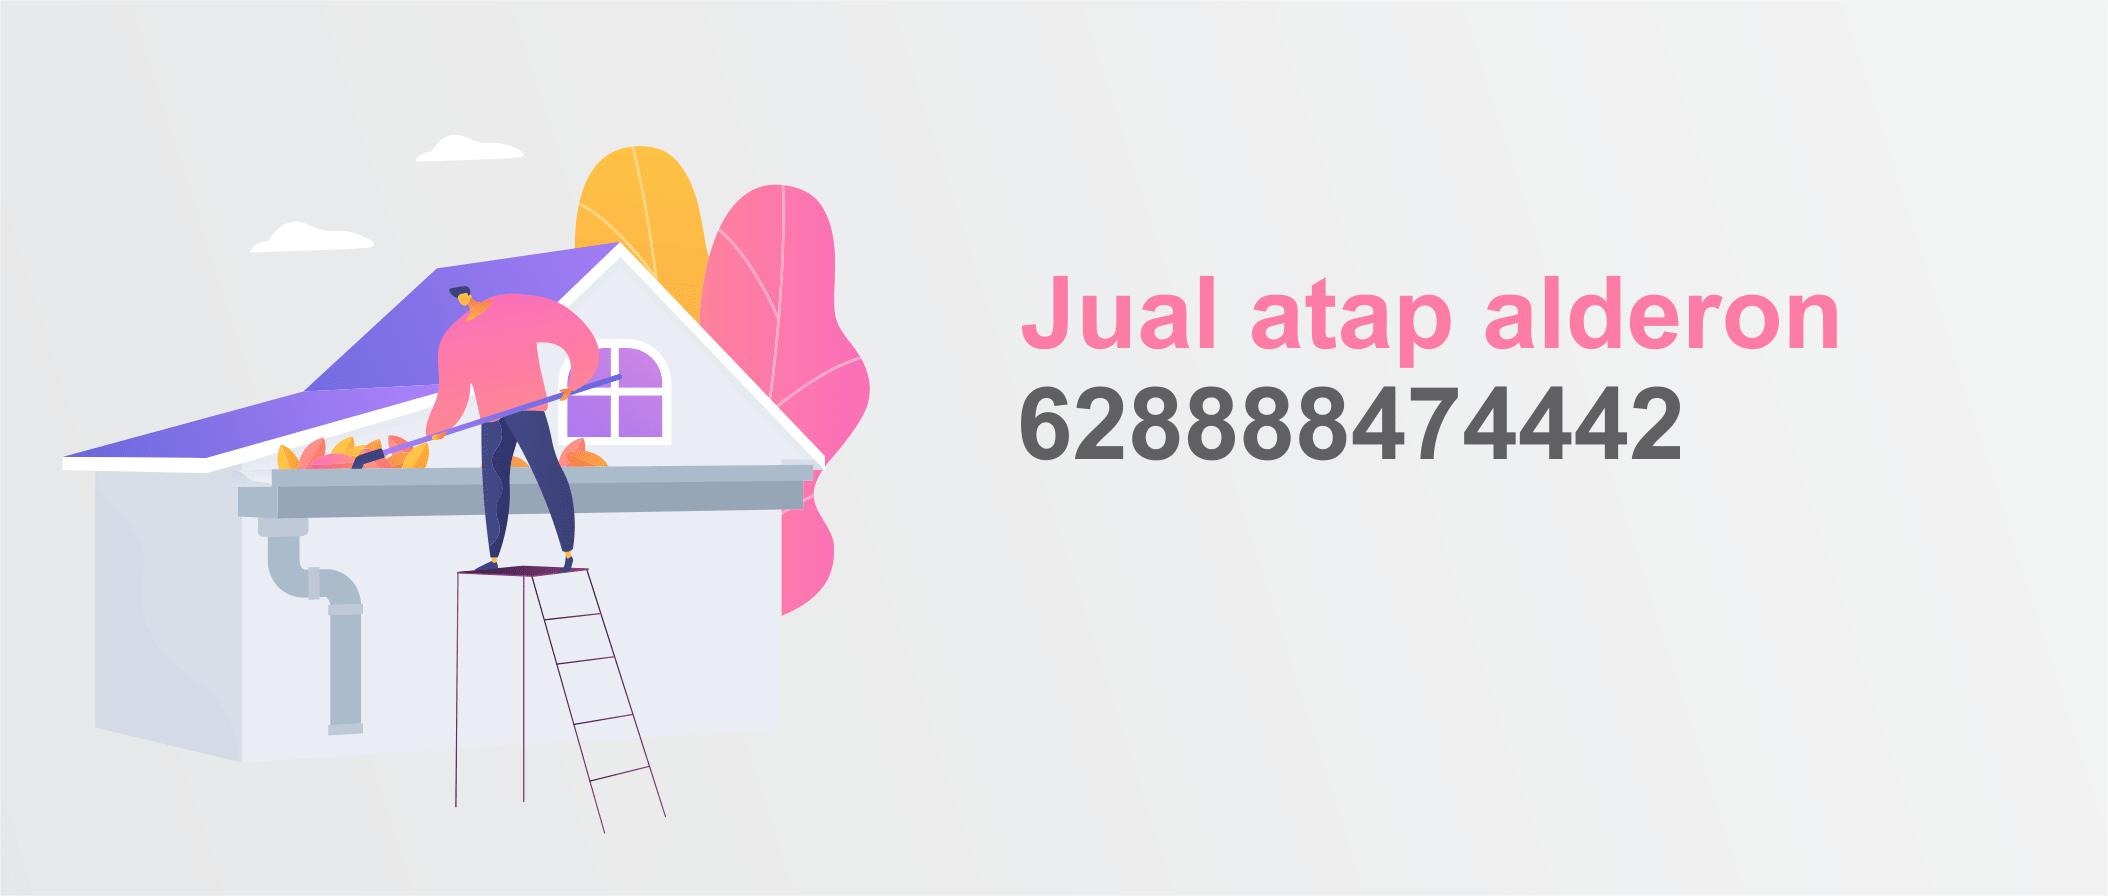 Jual Atap Alderon Jakarta Kualitas Terpercaya